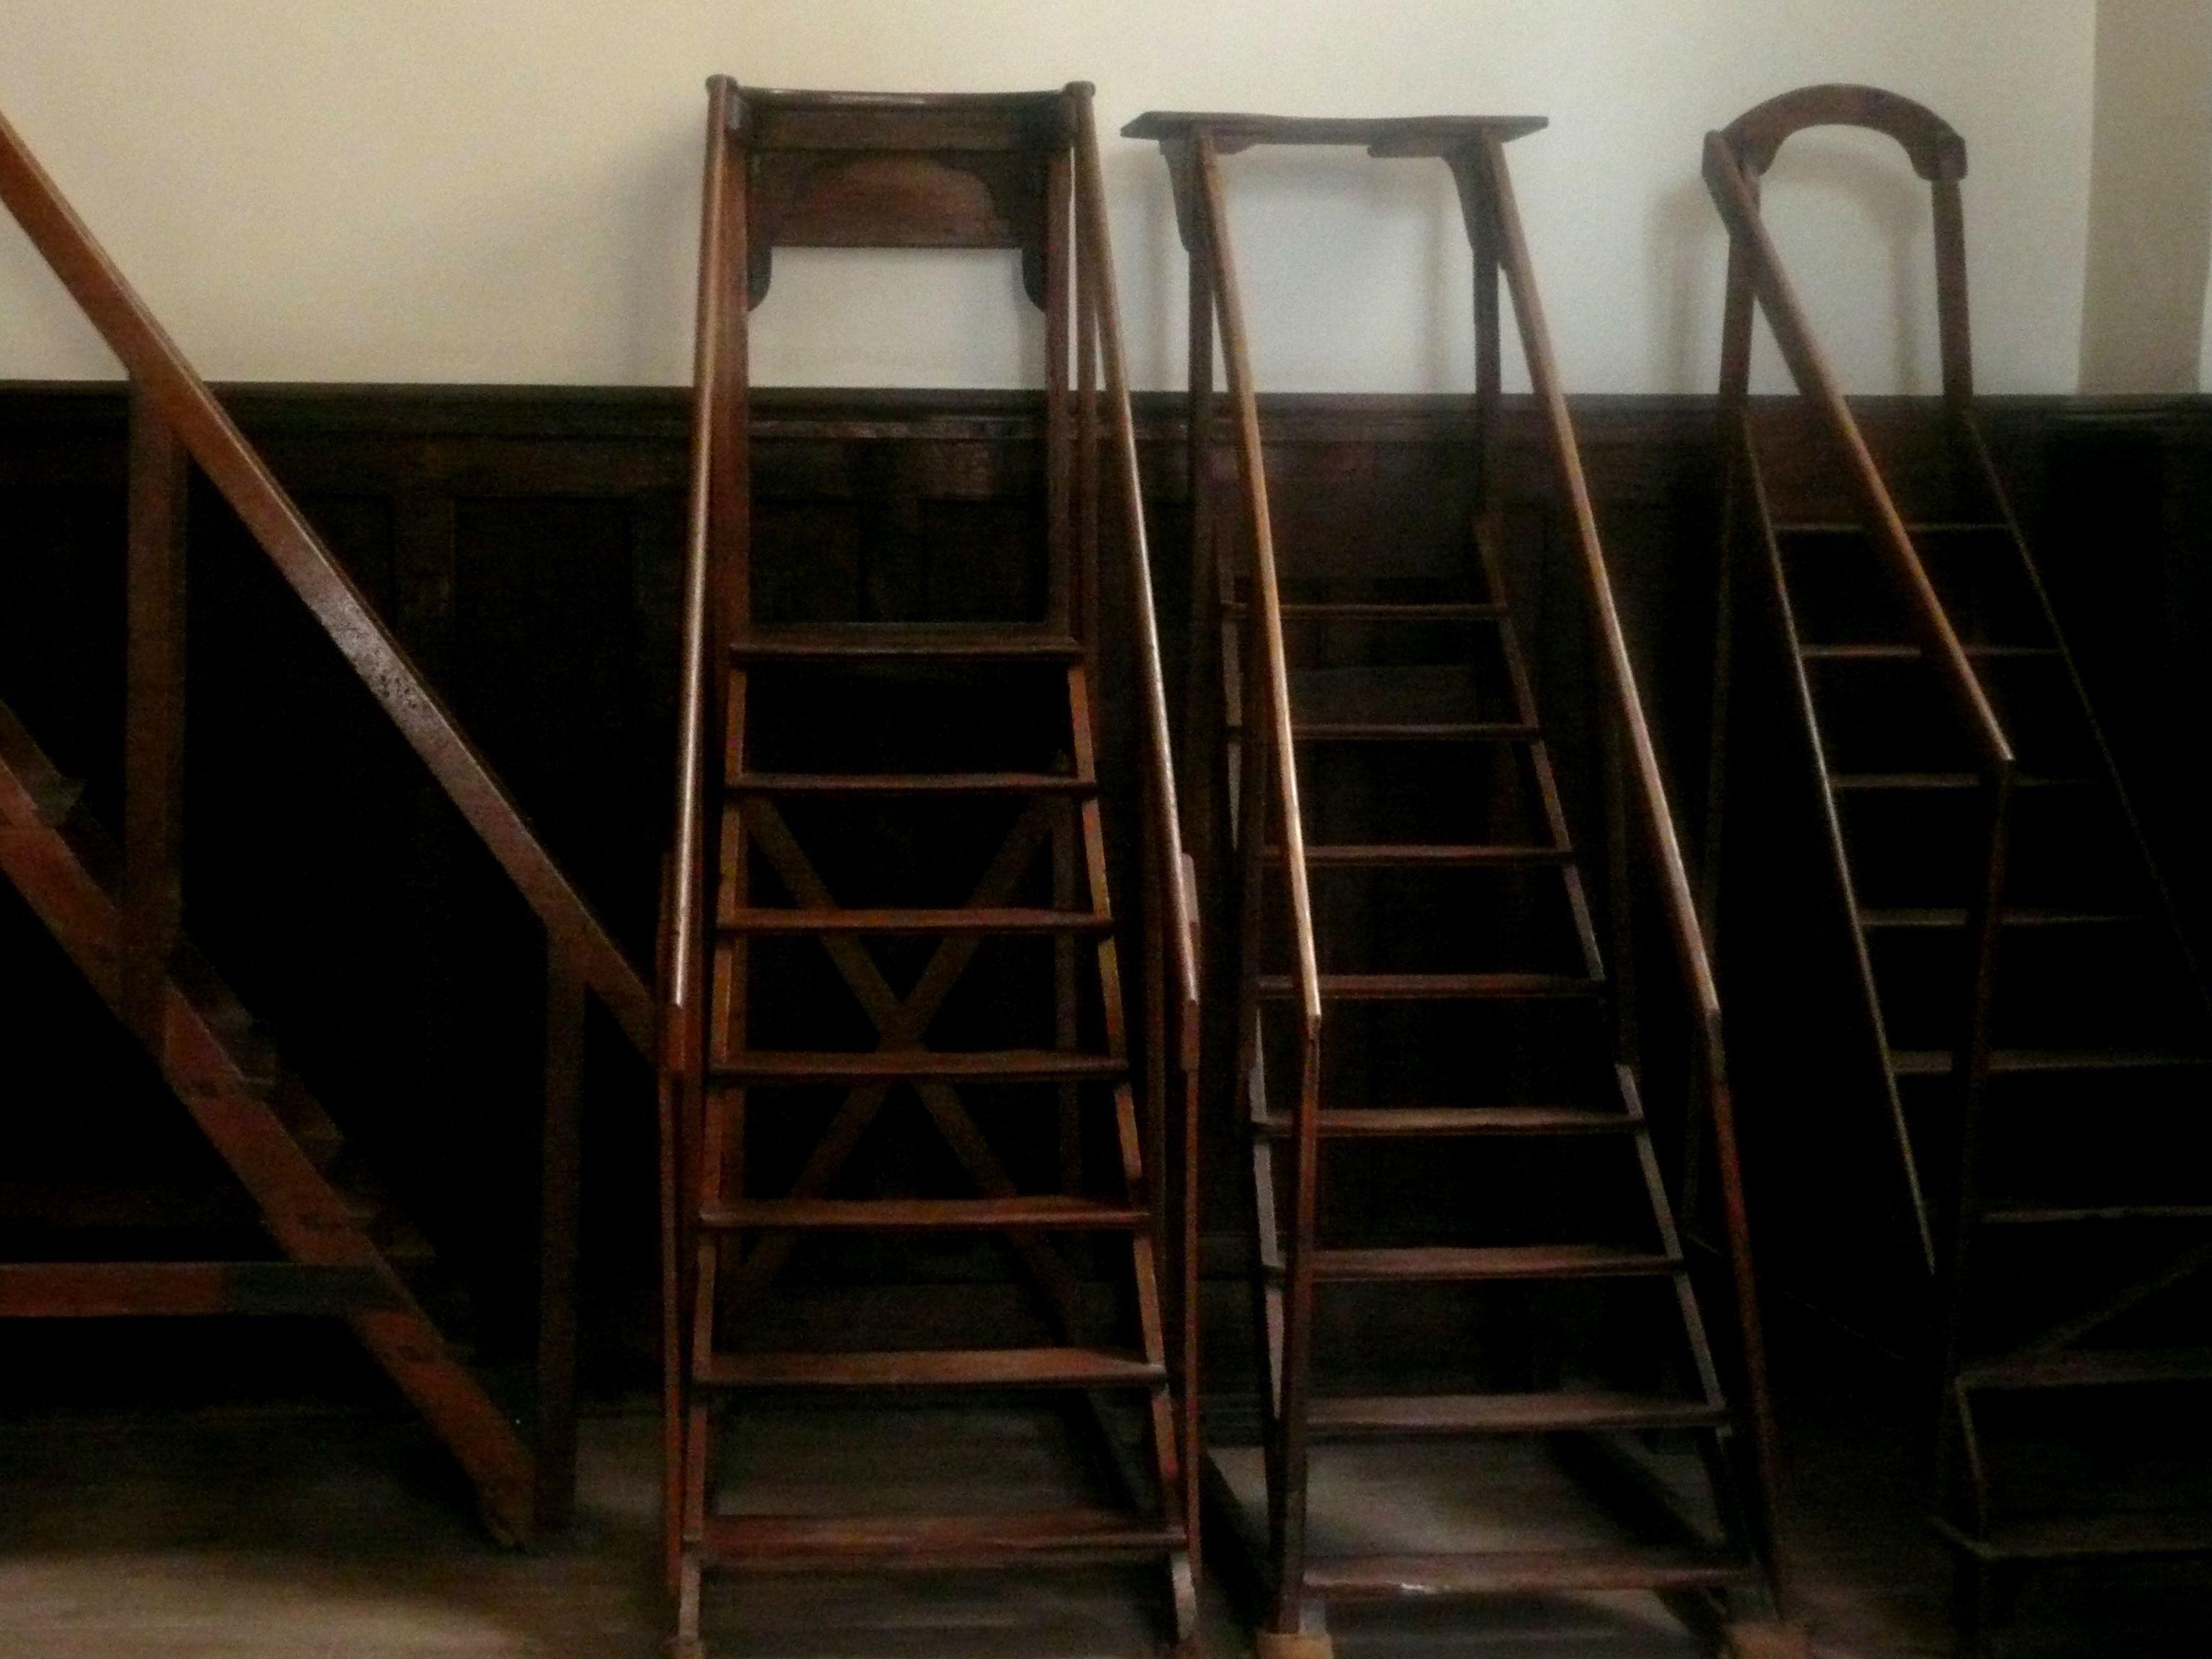 echelle de bibliotheque bar stools